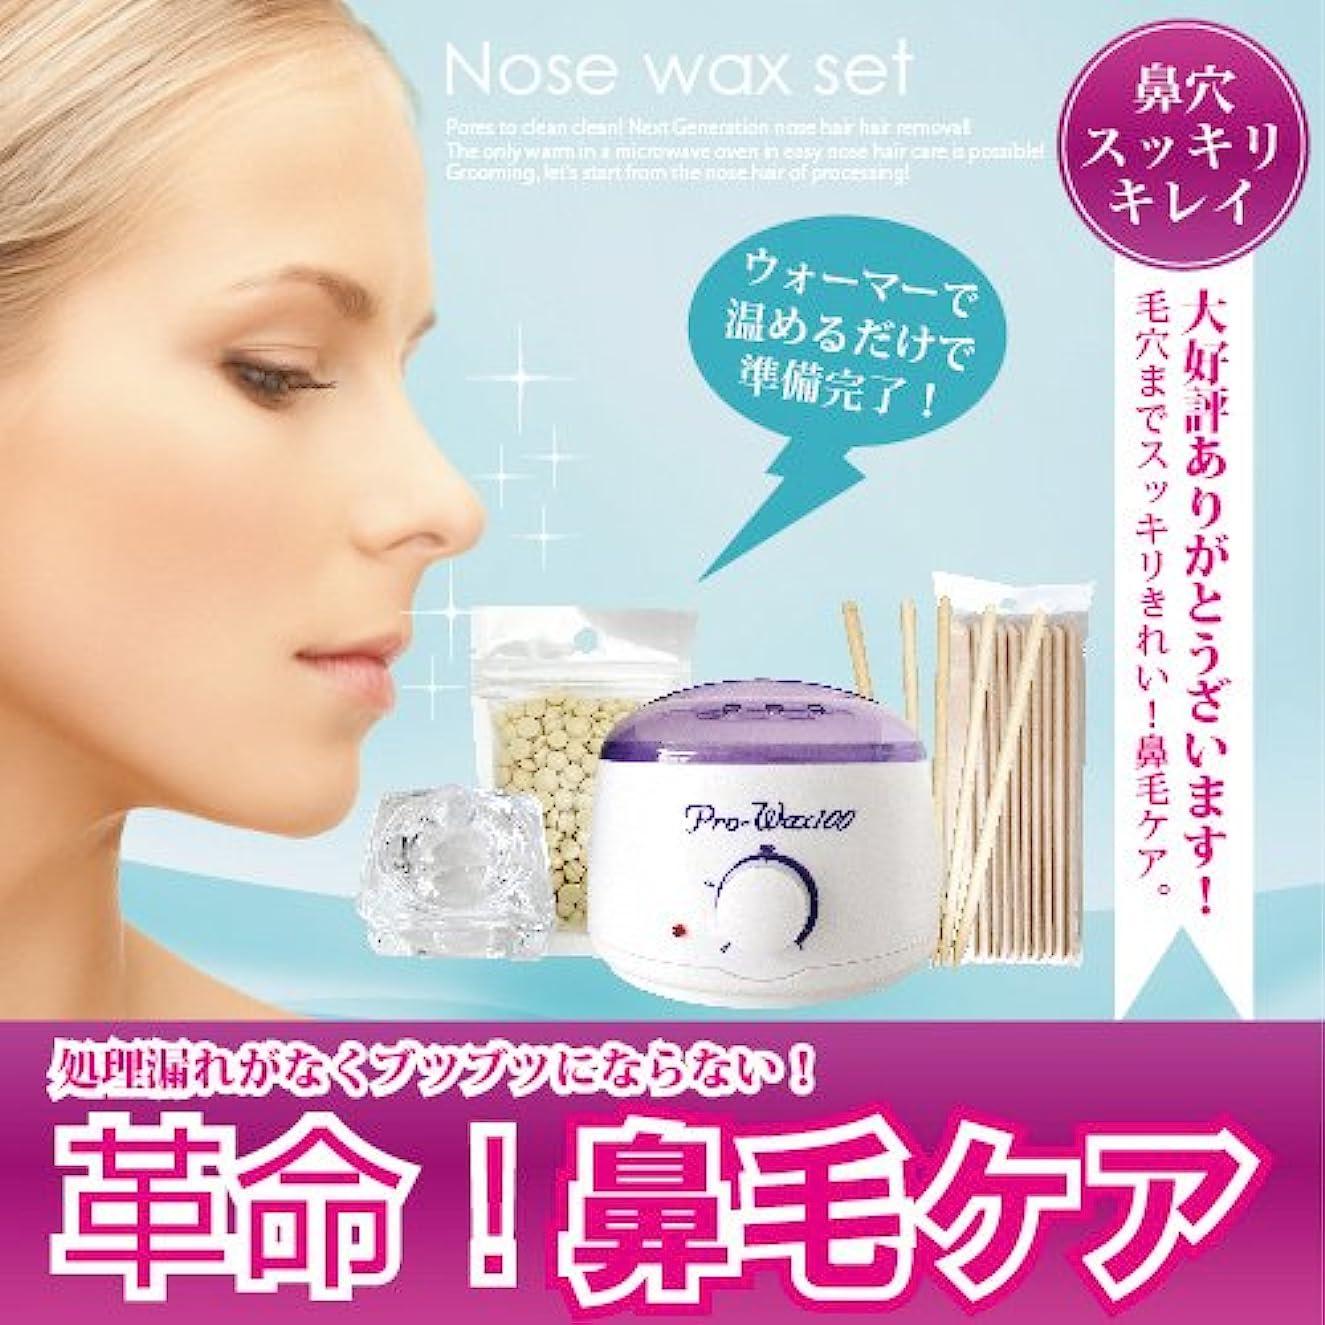 キリン授業料香りブラジリアンワックス Nose wax setウォーマー付ノーズワックス鼻毛ケアセット(約12回分)